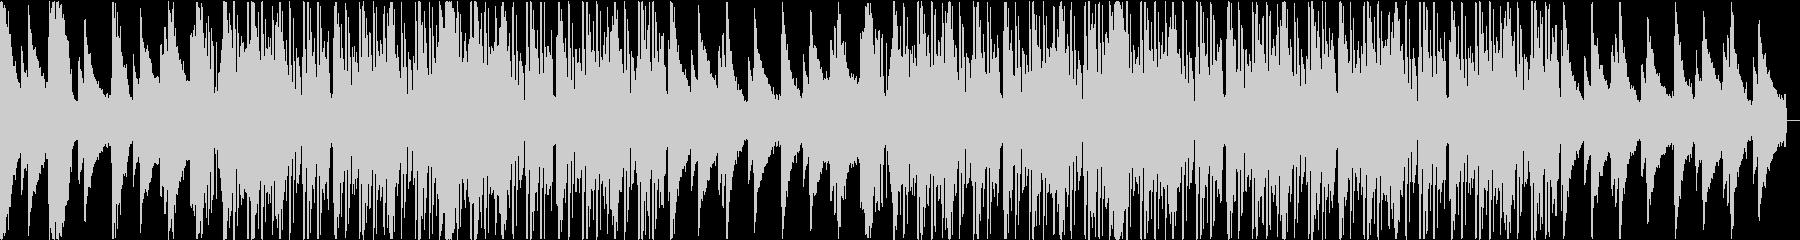 Lofi,ローファイヒップホップ2の未再生の波形